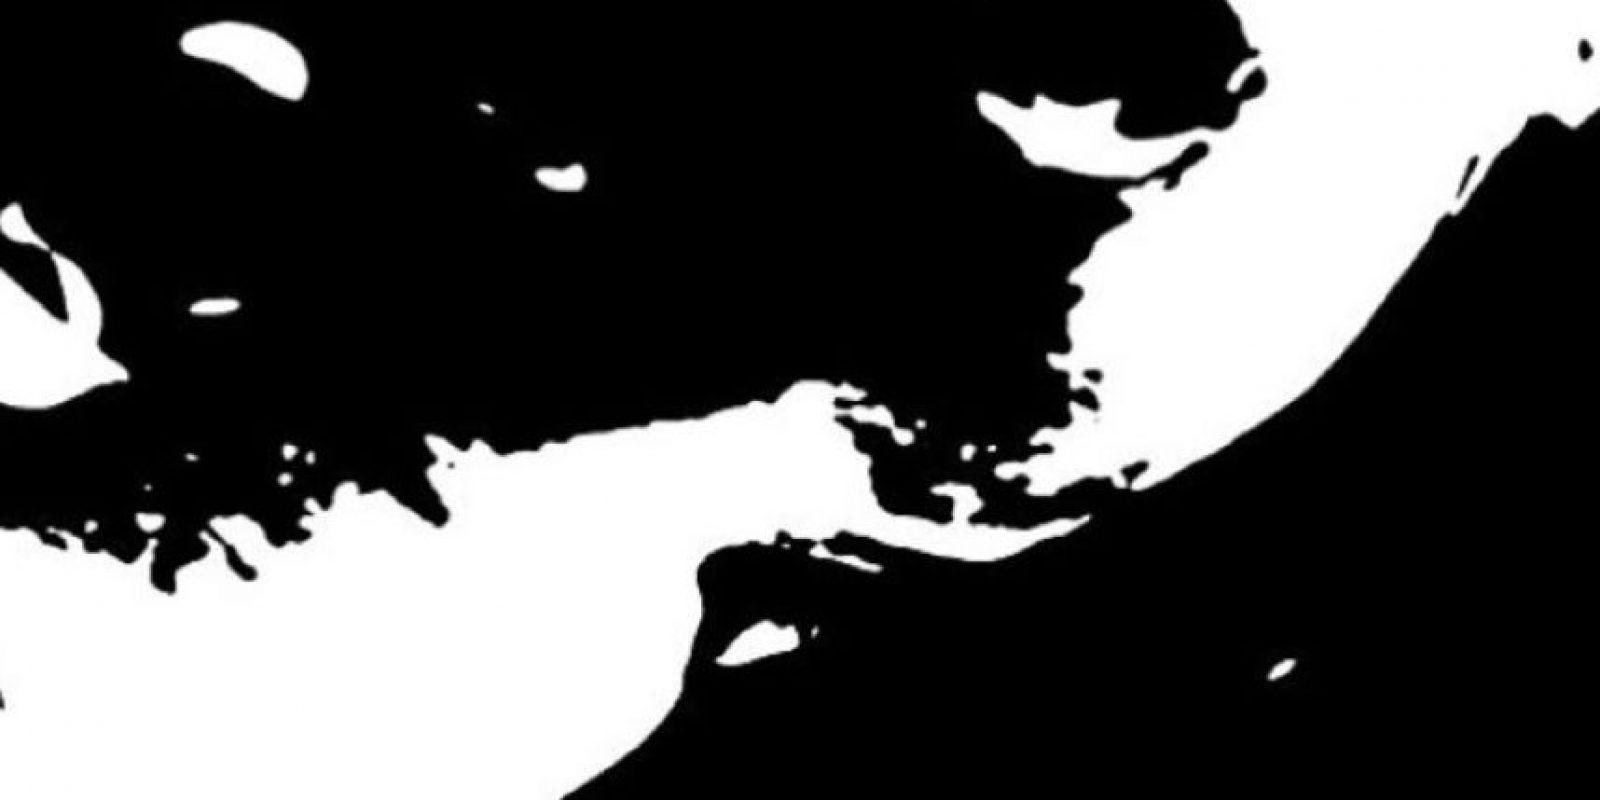 ¿Pueden ver al bebé en esta foto? Científicos de la Universidad de Cardiff y Cambridge utilizan esta imagen en blanco y negro para entender cómo funciona el cerebro. Foto:Vía Pnas.org